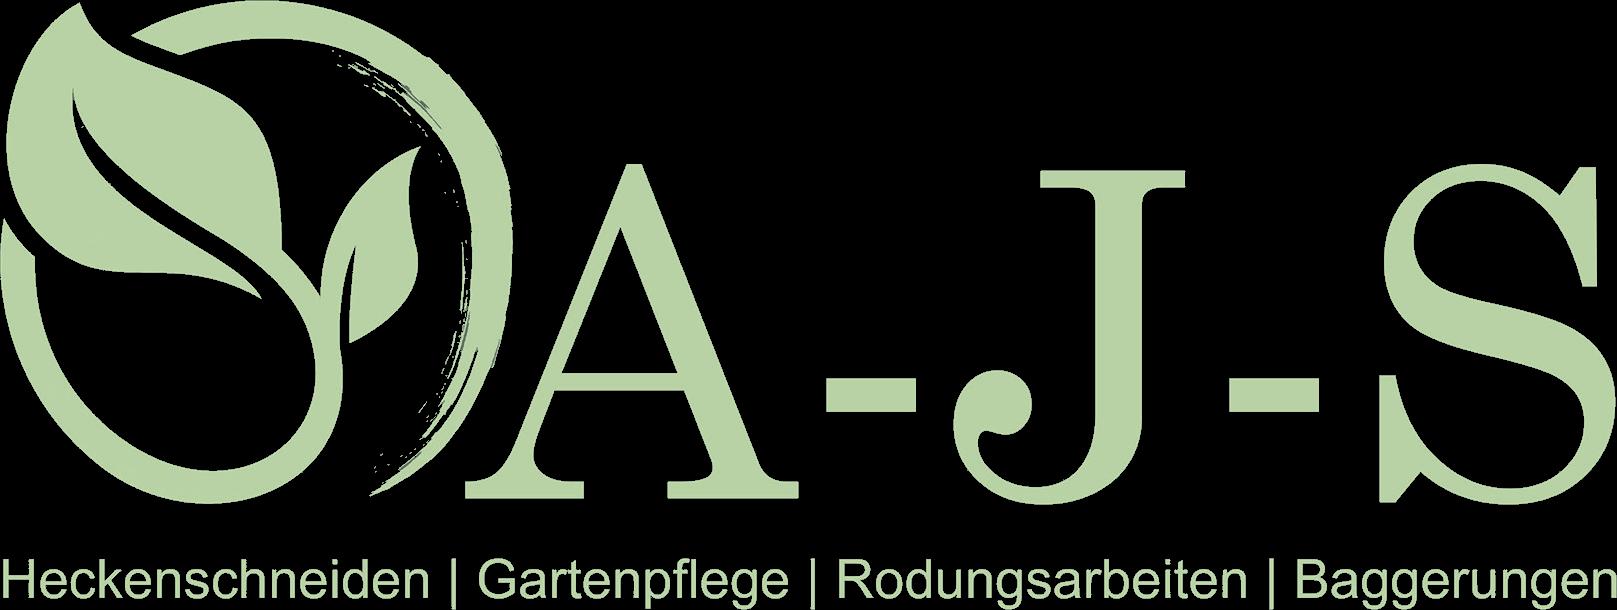 A-J-S Gartenservice - Ried-im-Innkreis | Unser Leistungsspektrum reicht von der Gartenpflege über die Ausführung aller Garten- und Landschaftsbauarbeiten bis hin zur fachgerechten Rodungsarbeiten.